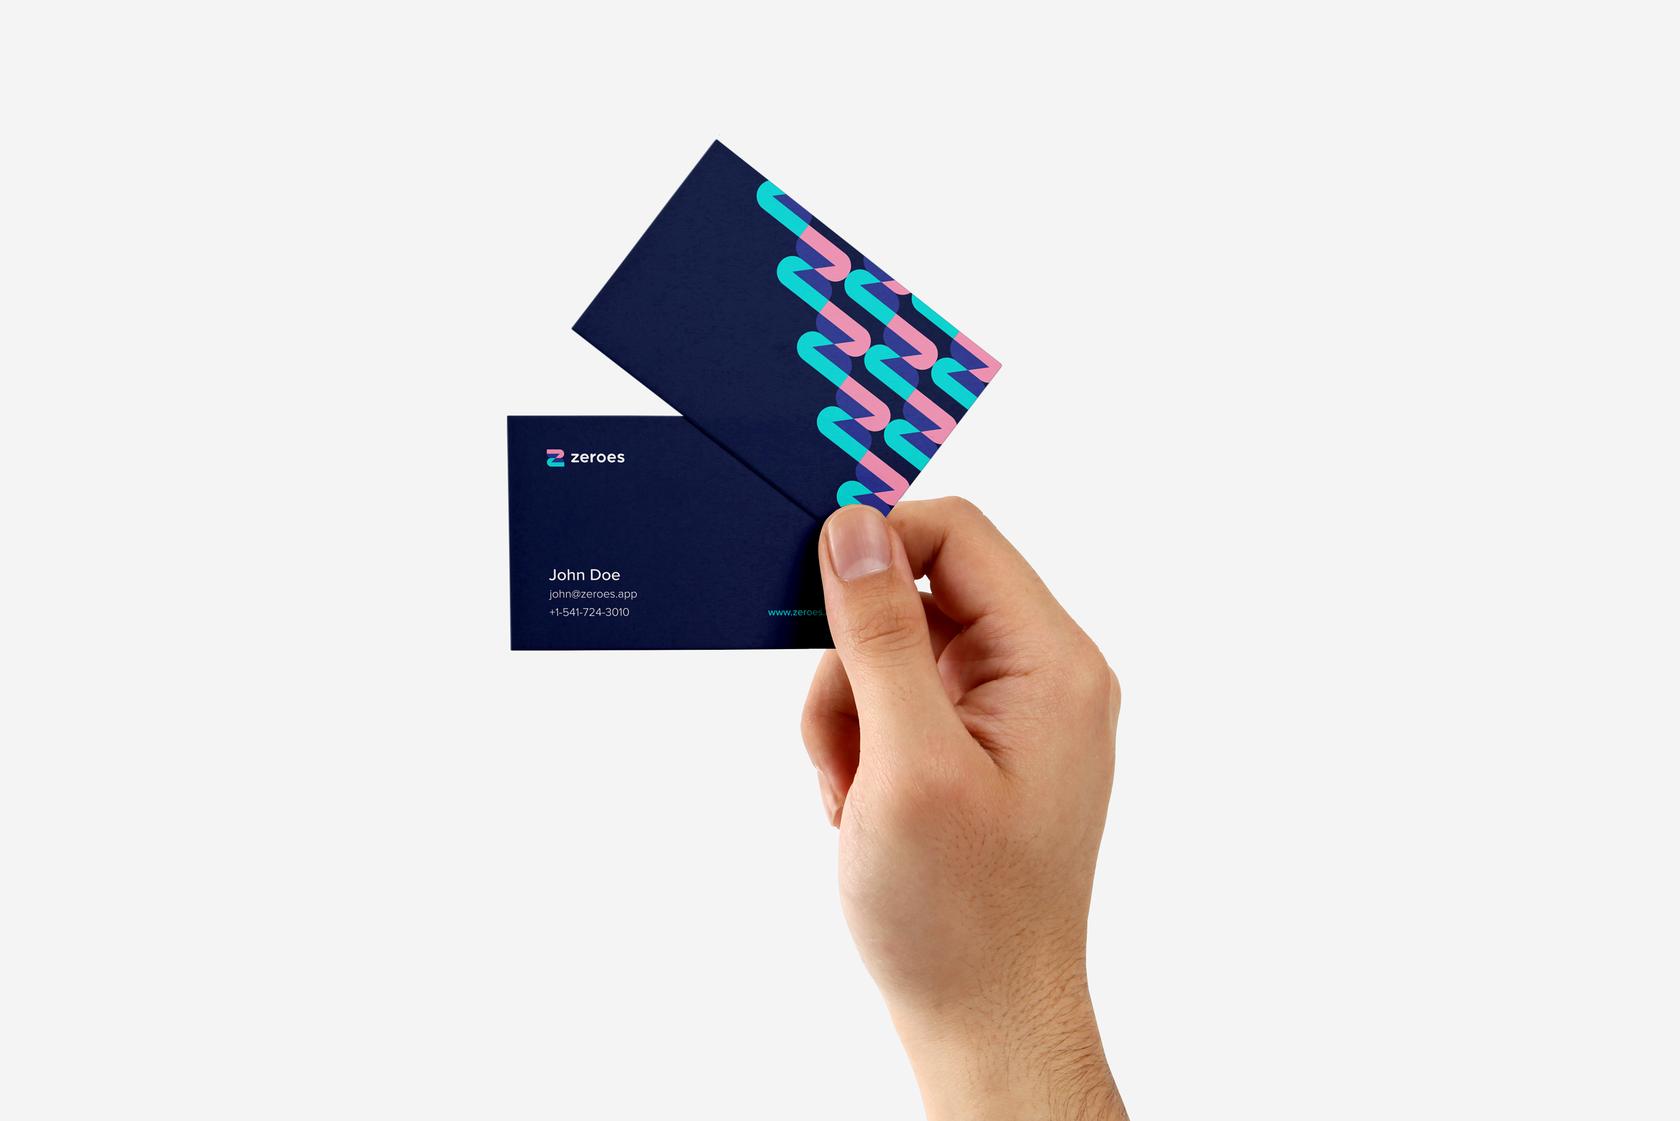 Fintech business cards design